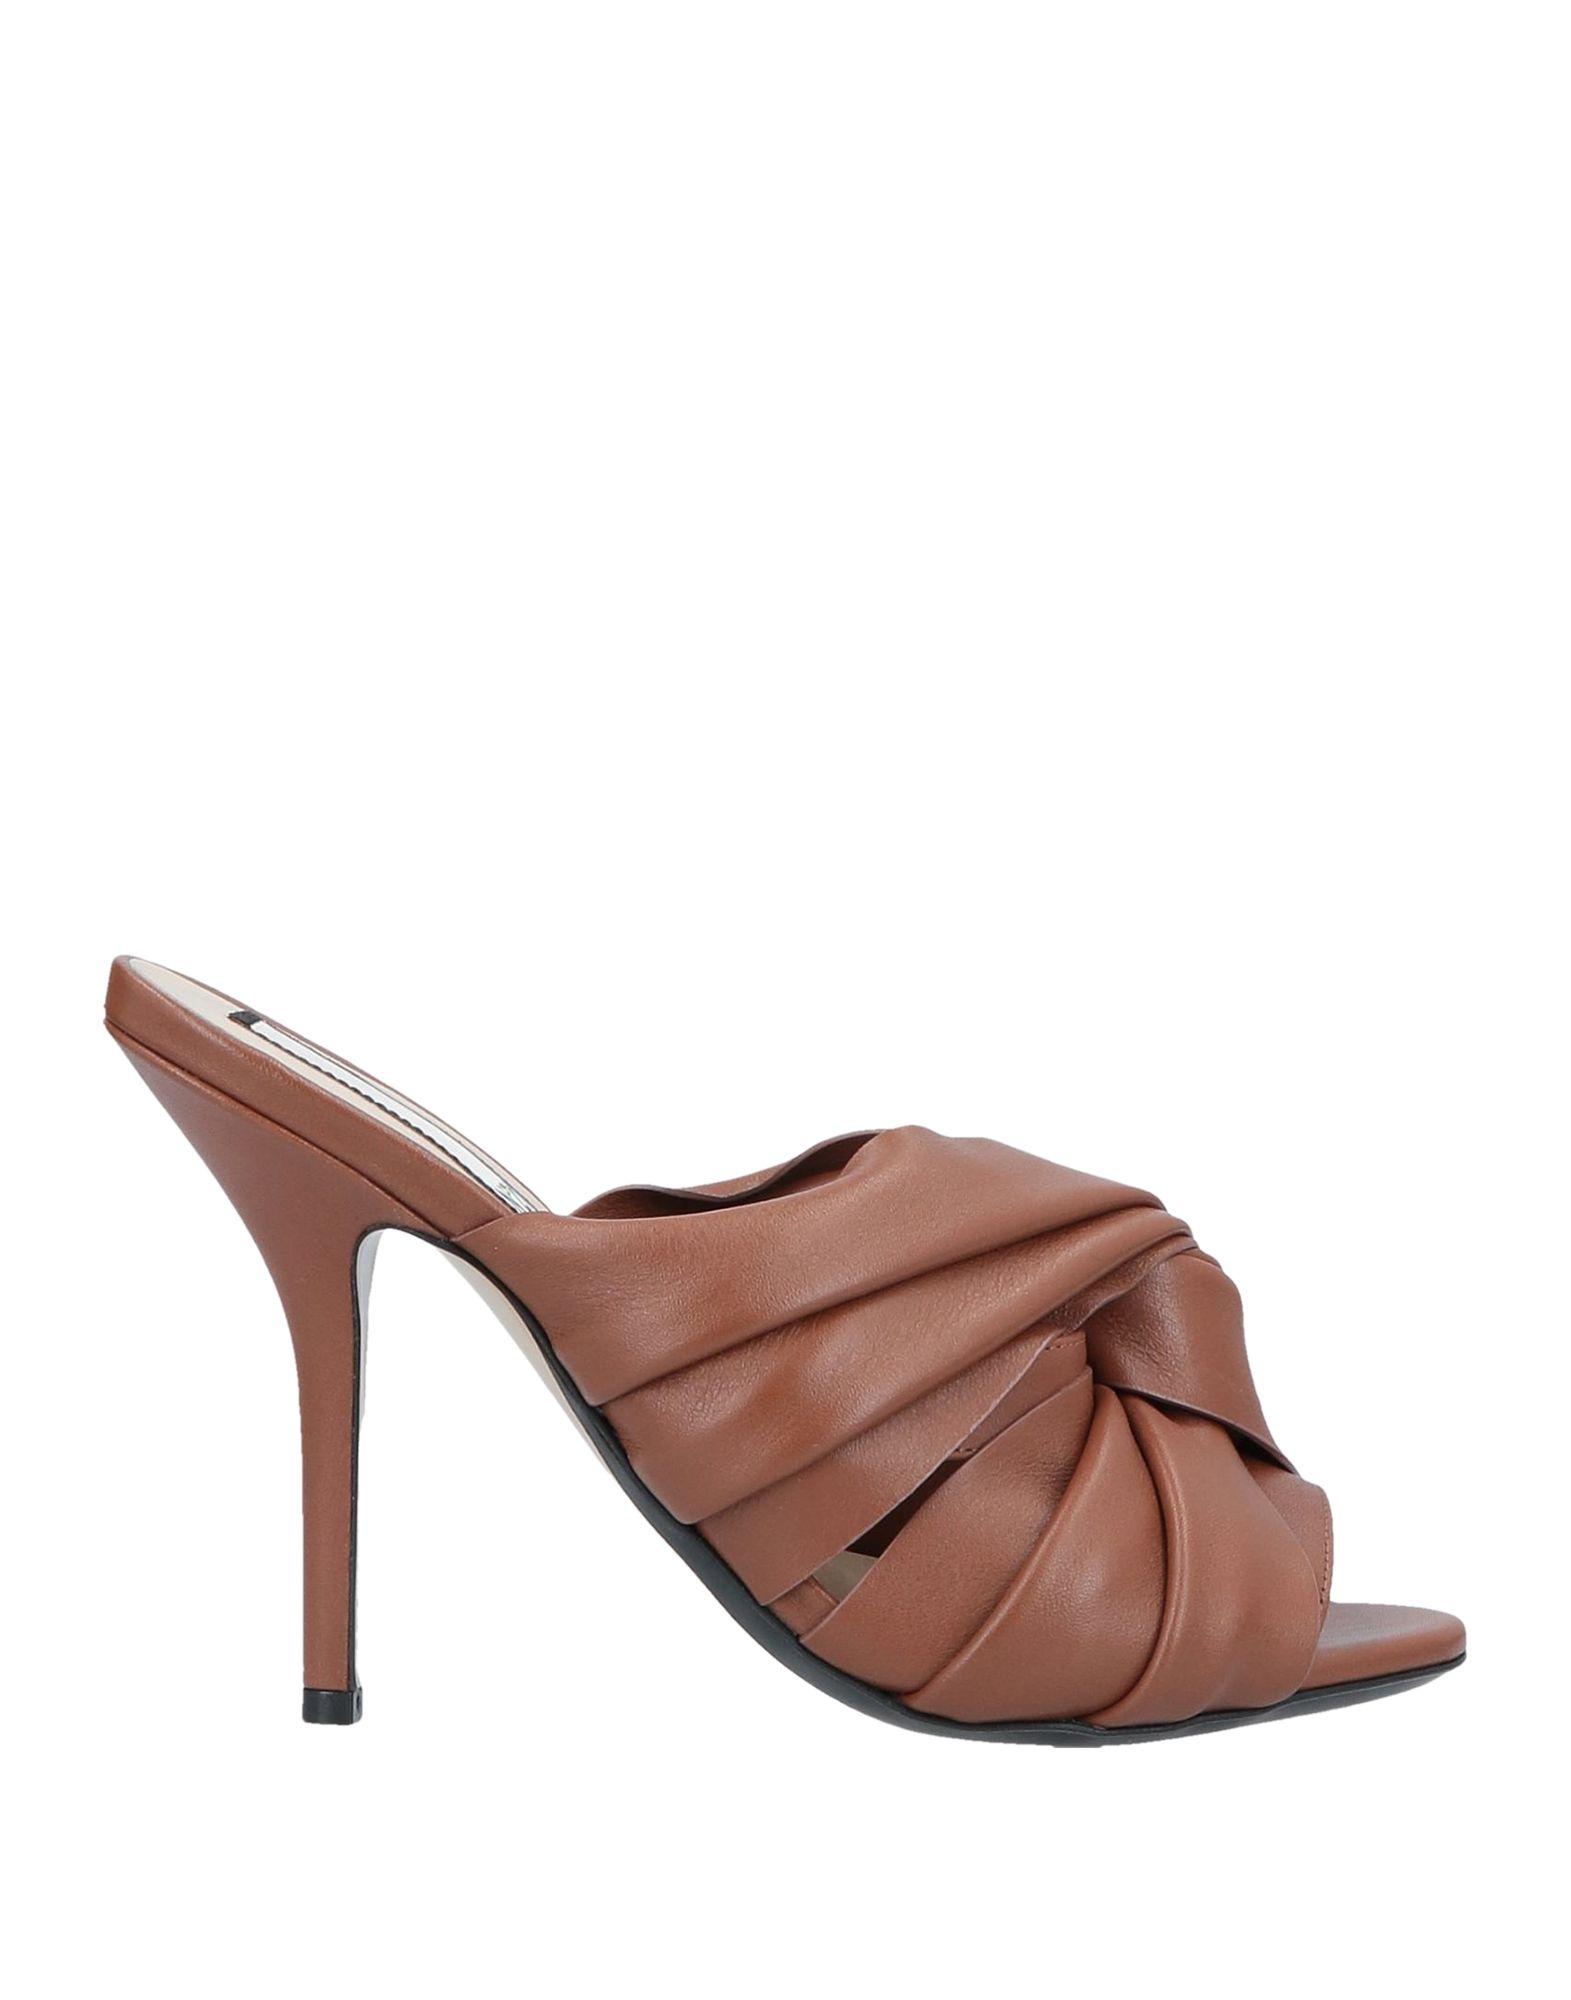 Sandali N°21 donna - 11630508AB 11630508AB